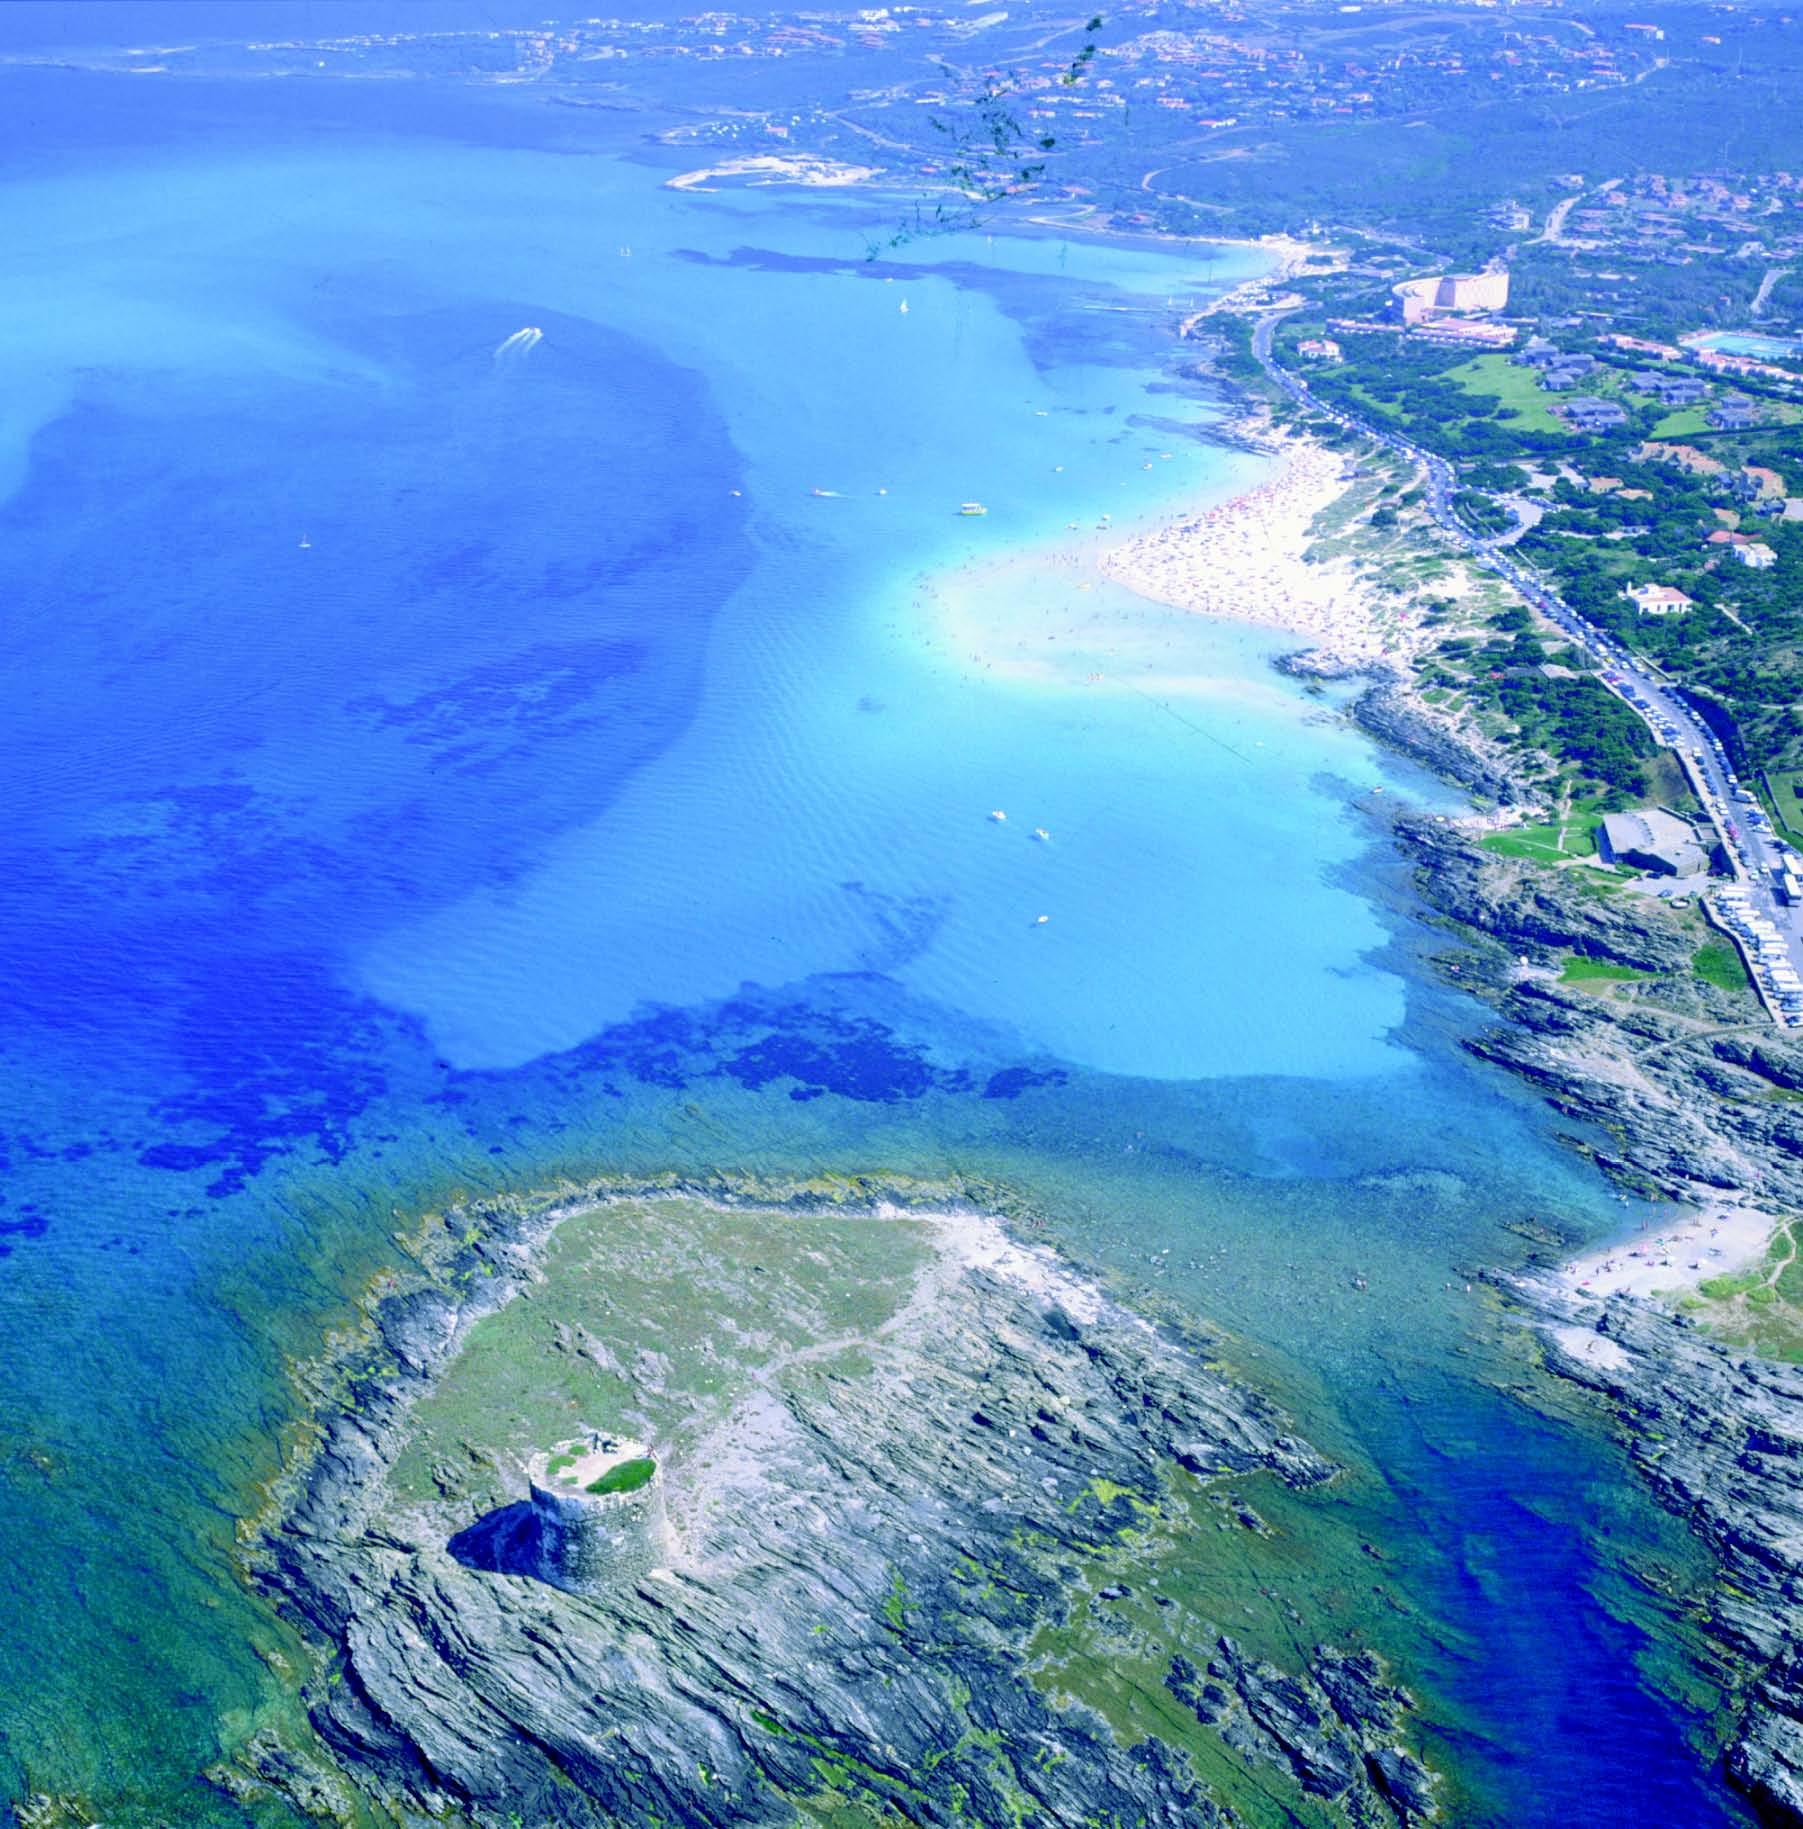 La torre della Pelosetta e la spiaggia della Pelosa viste dall aereo. Sullo sfondo il centro abitato